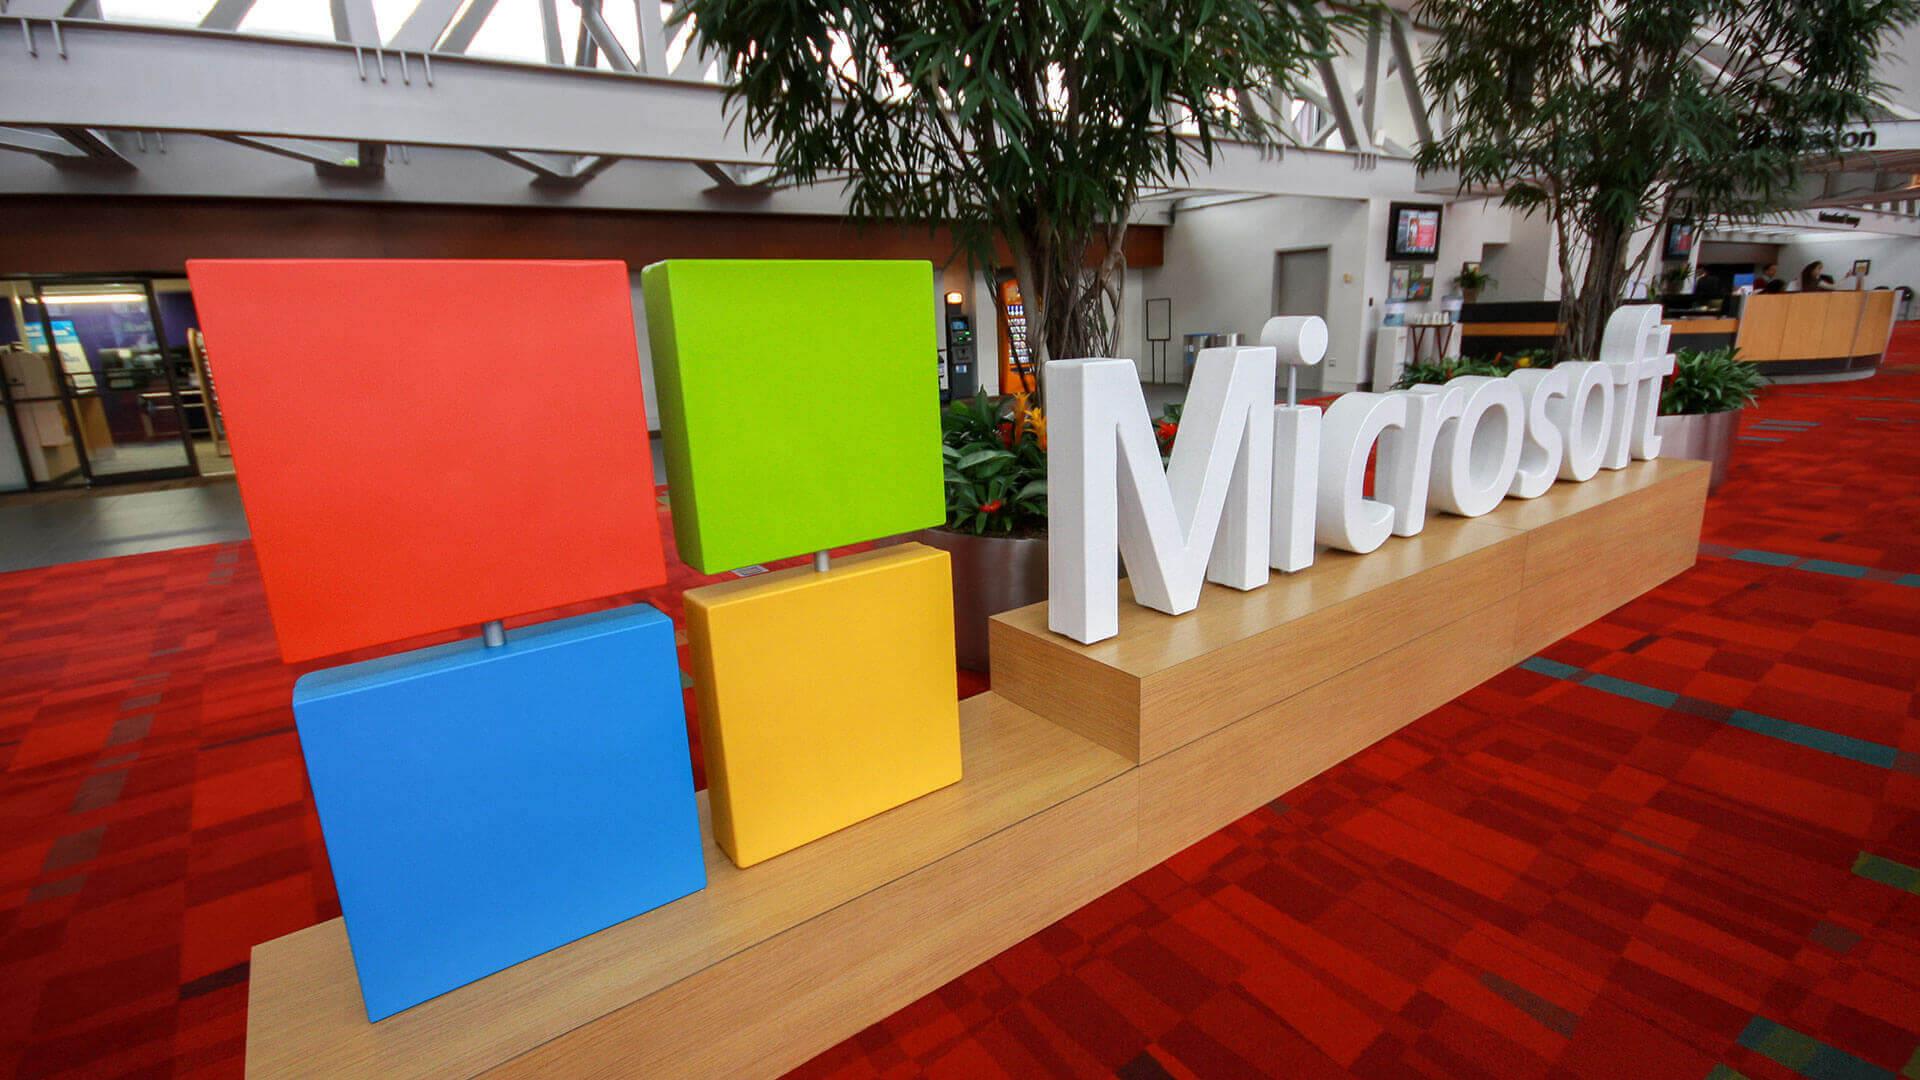 Microsoft lanza una plataforma gratuita de gestión de campañas sociales y de búsqueda para pymes